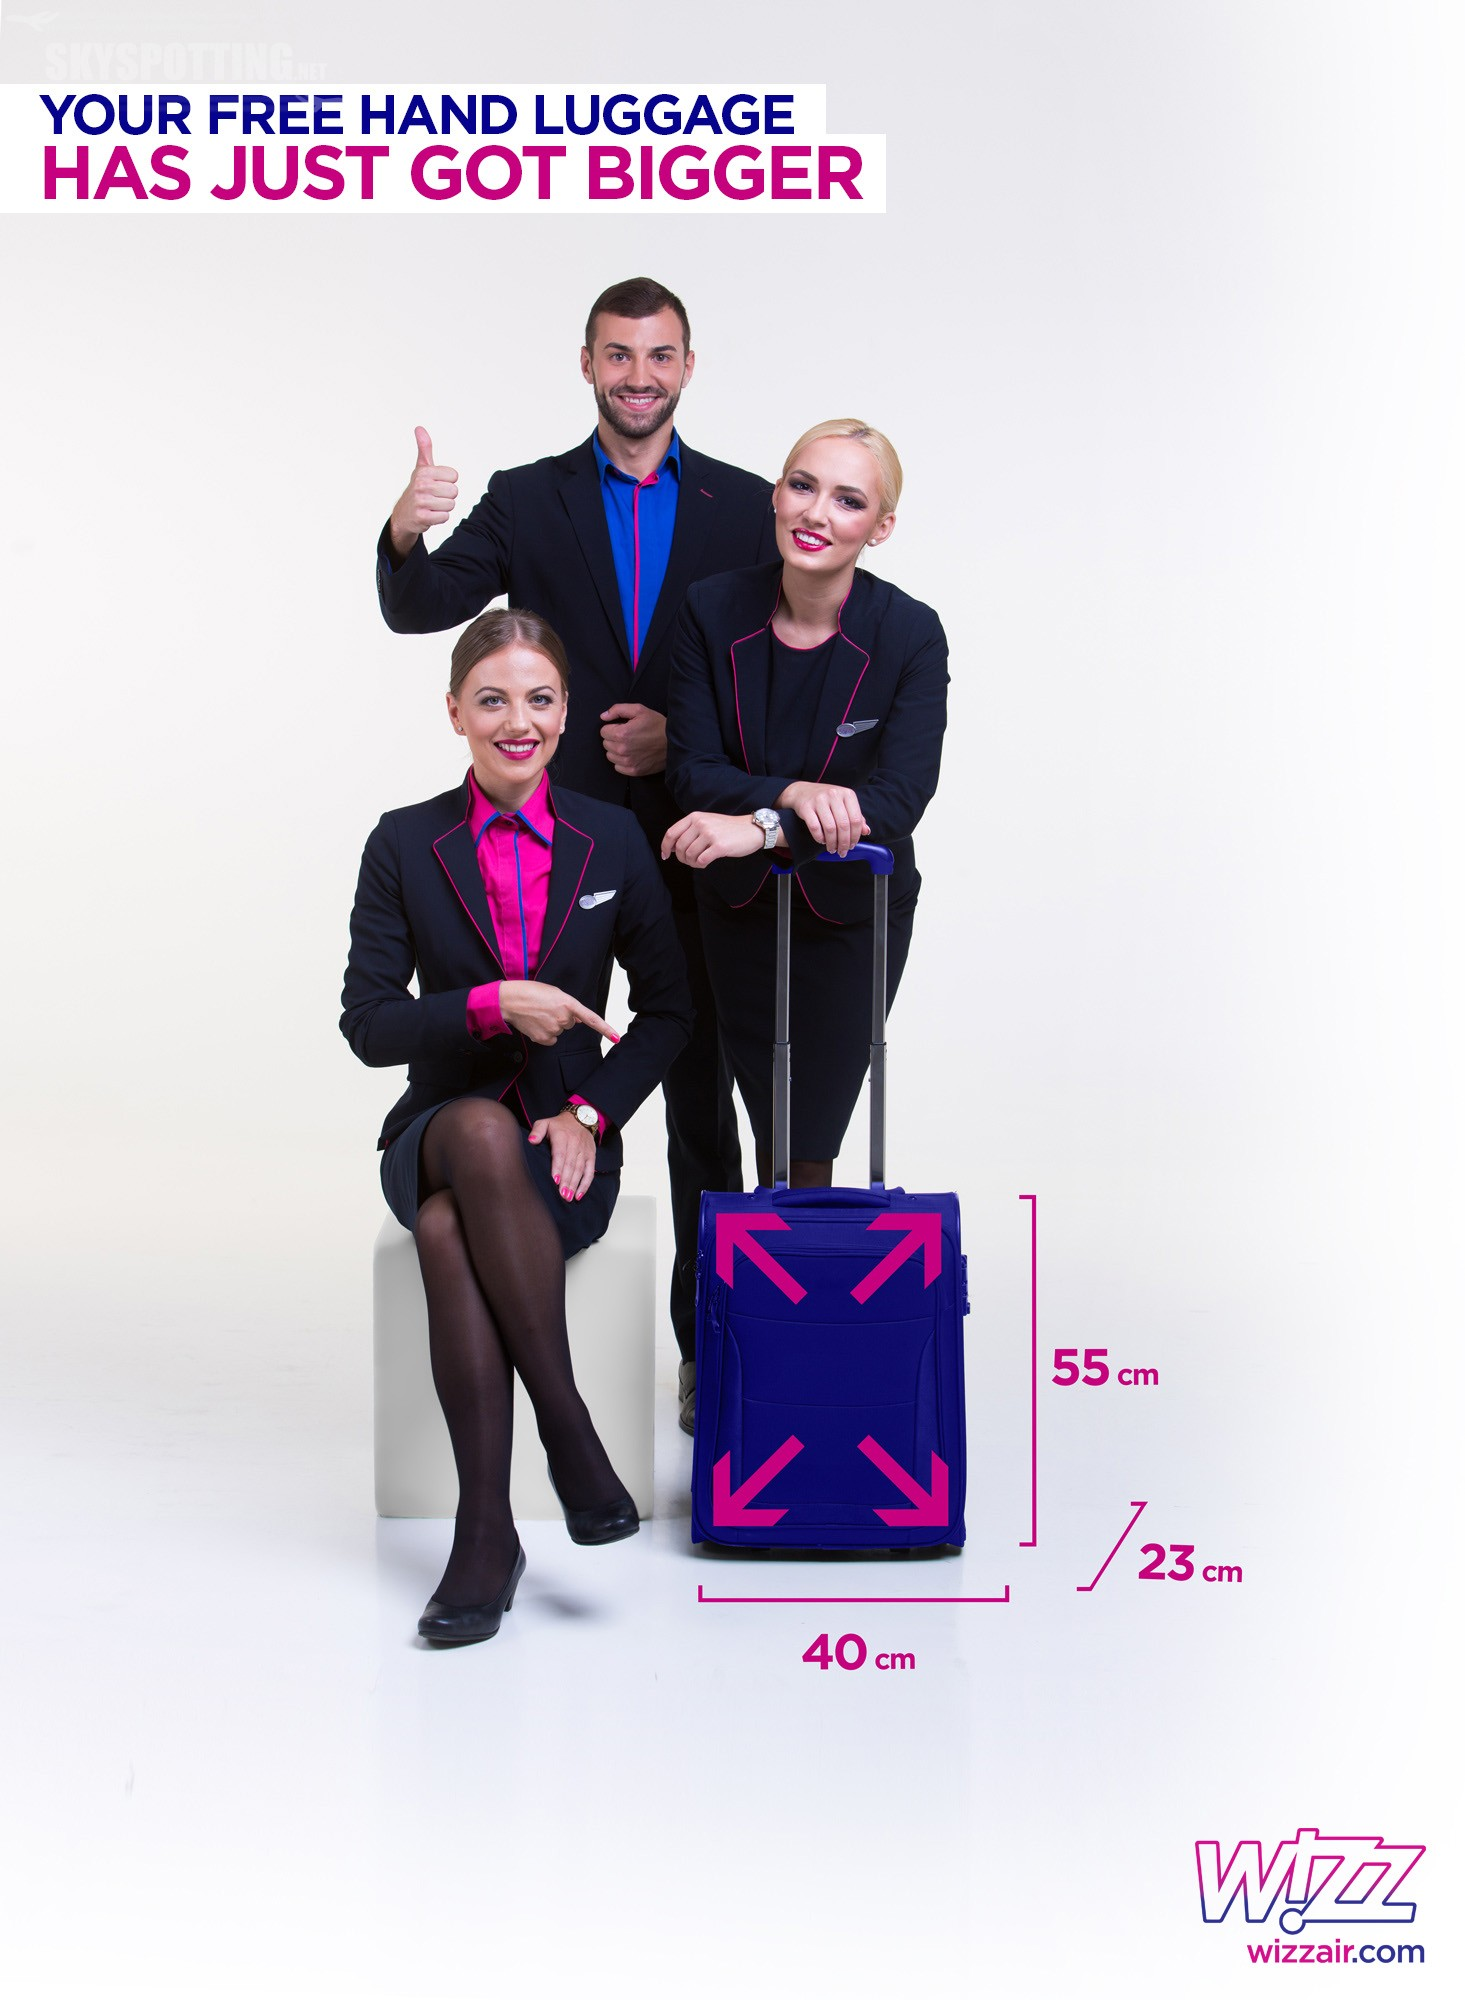 Wizz Air uruchamia nową politykę bagażową – bez opłat za bagaż podręczny